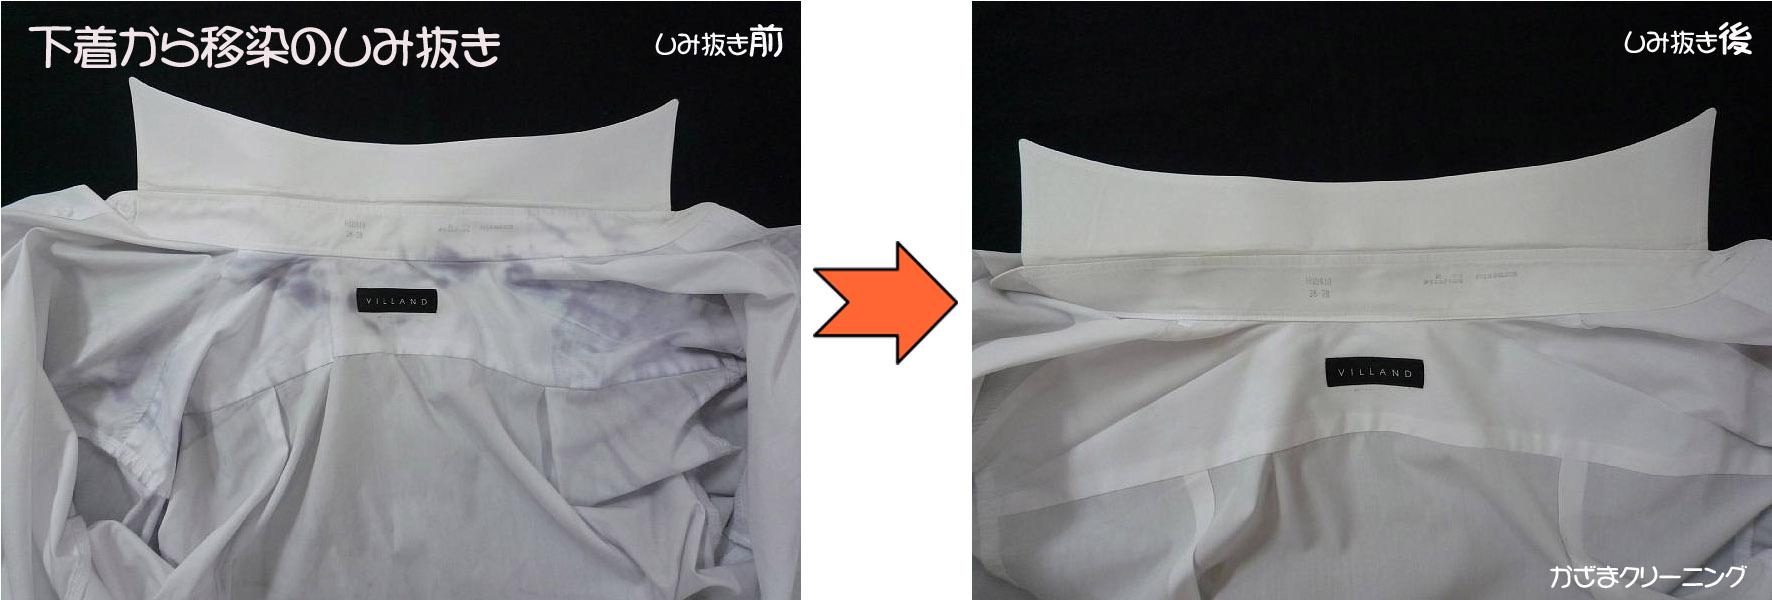 黒いシャツから移染の染み抜き